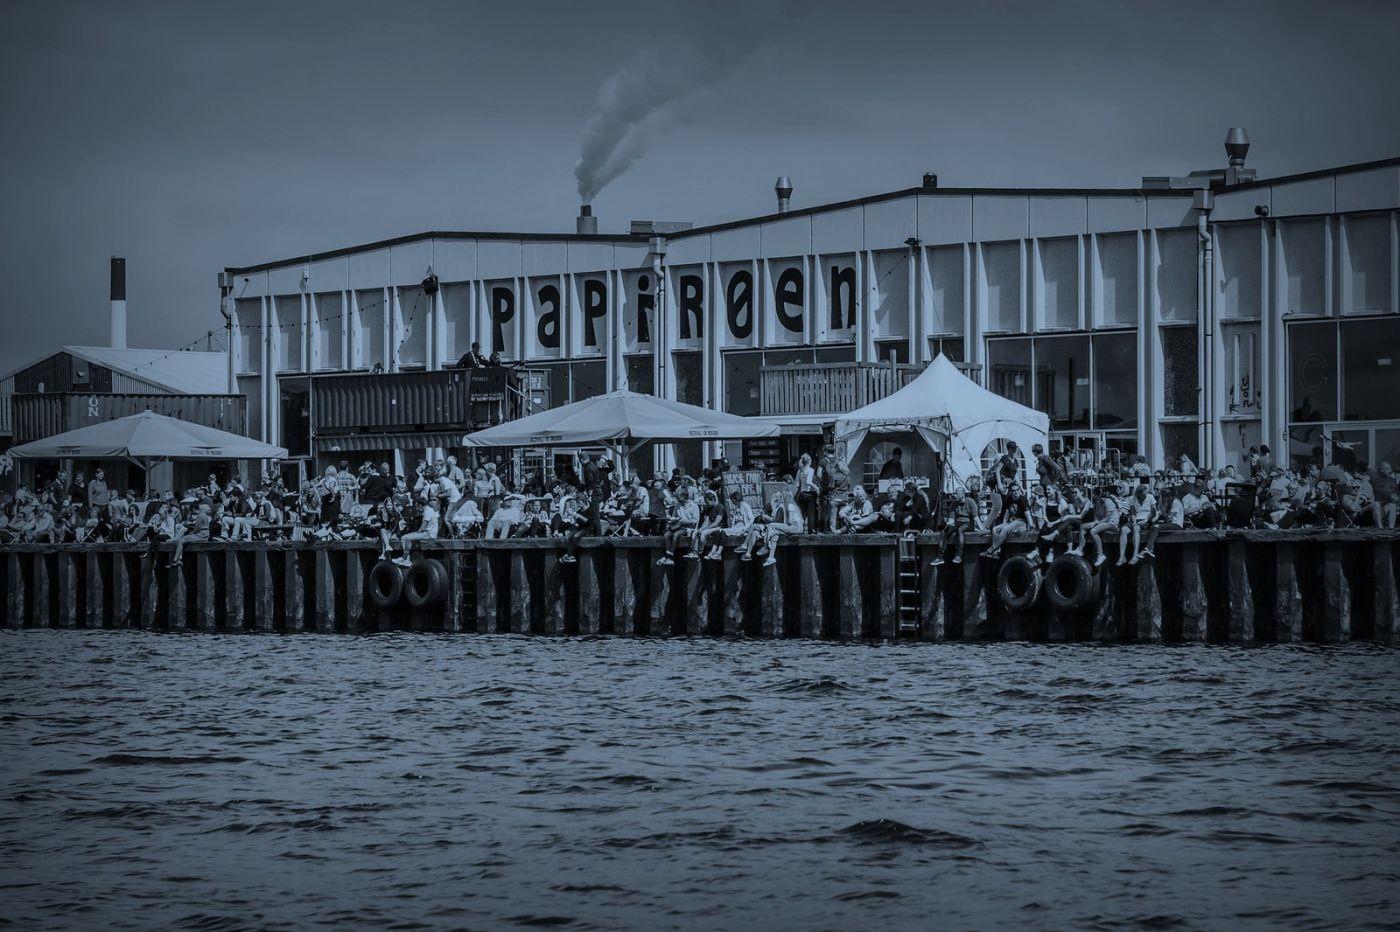 丹麦哥本哈根,坐船看市景_图1-6